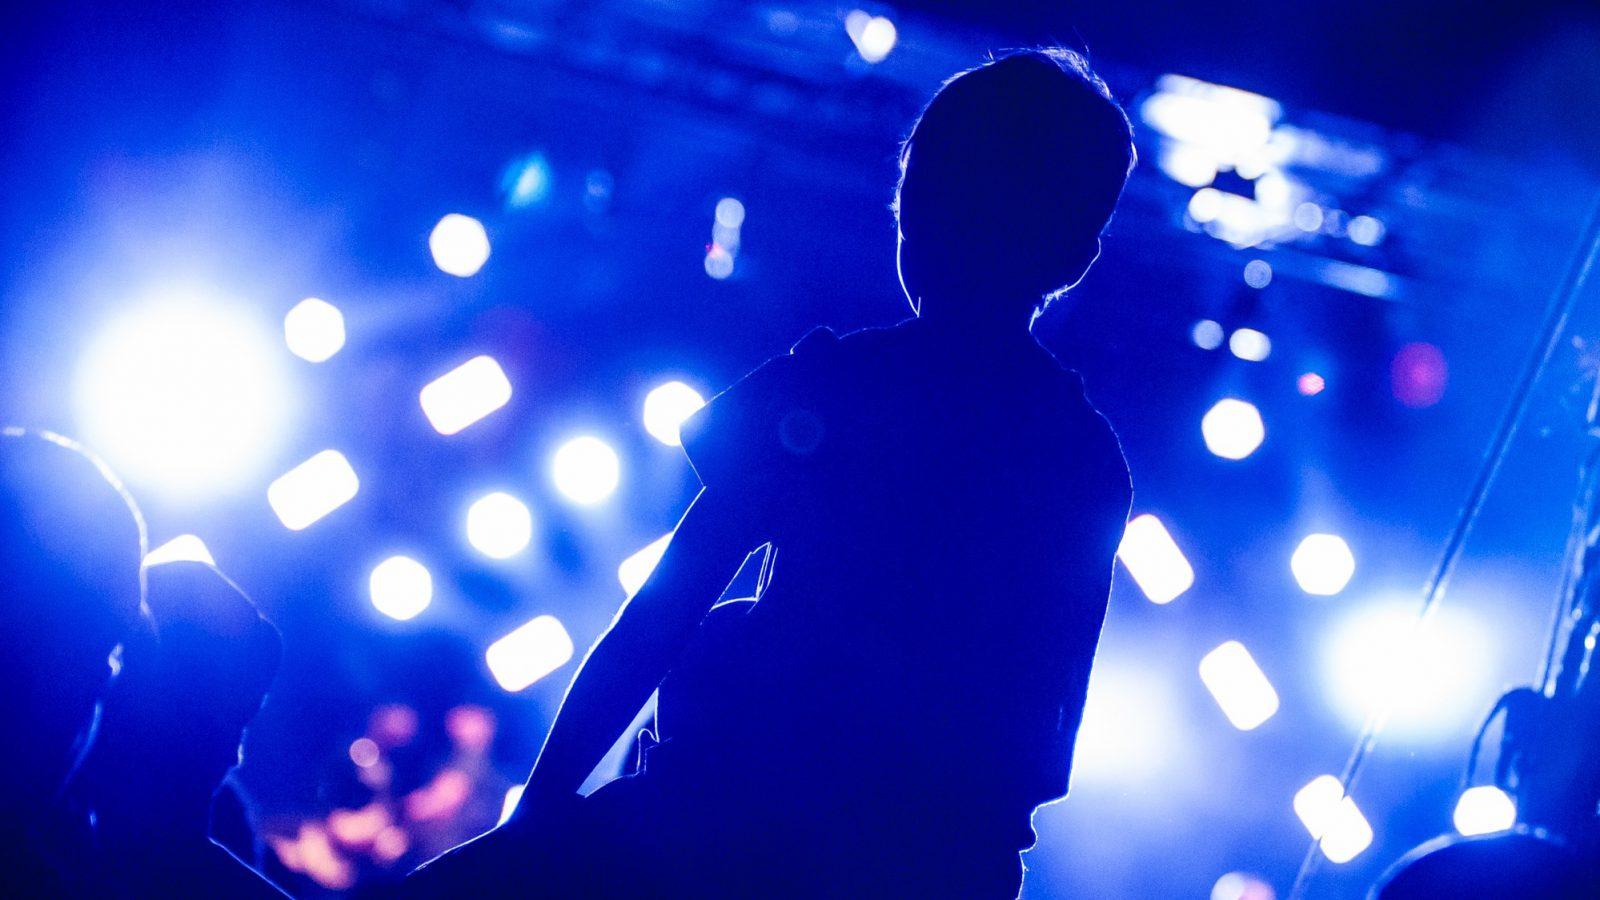 Junge sitzt auf Schultern bei einer Veranstaltung